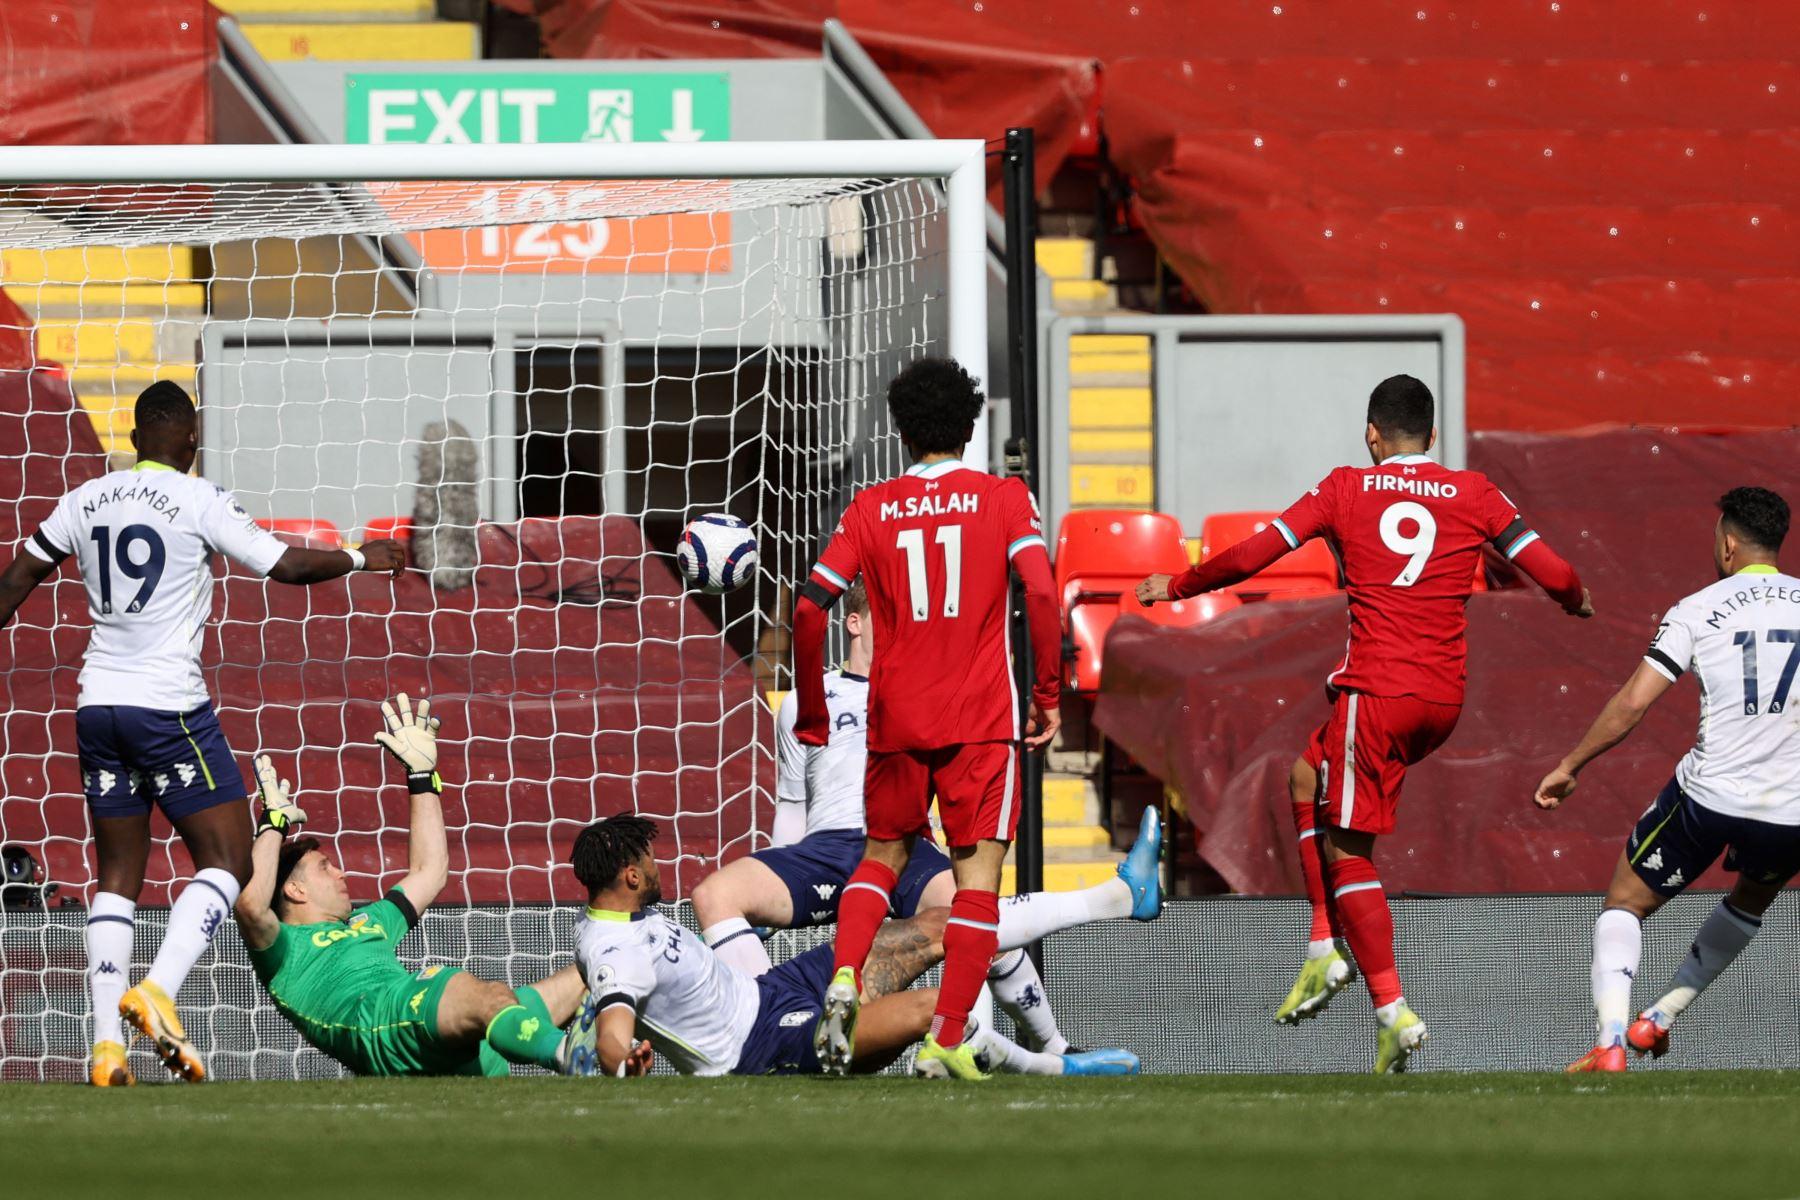 El centrocampista brasileño del Liverpool Roberto Firmino  anota, pero tras un VAR el gol es anulado debido a un fuera de juego anterior, durante el partido de fútbol de la Premier League inglesa entre Liverpool y Aston Villa. Foto: AFP